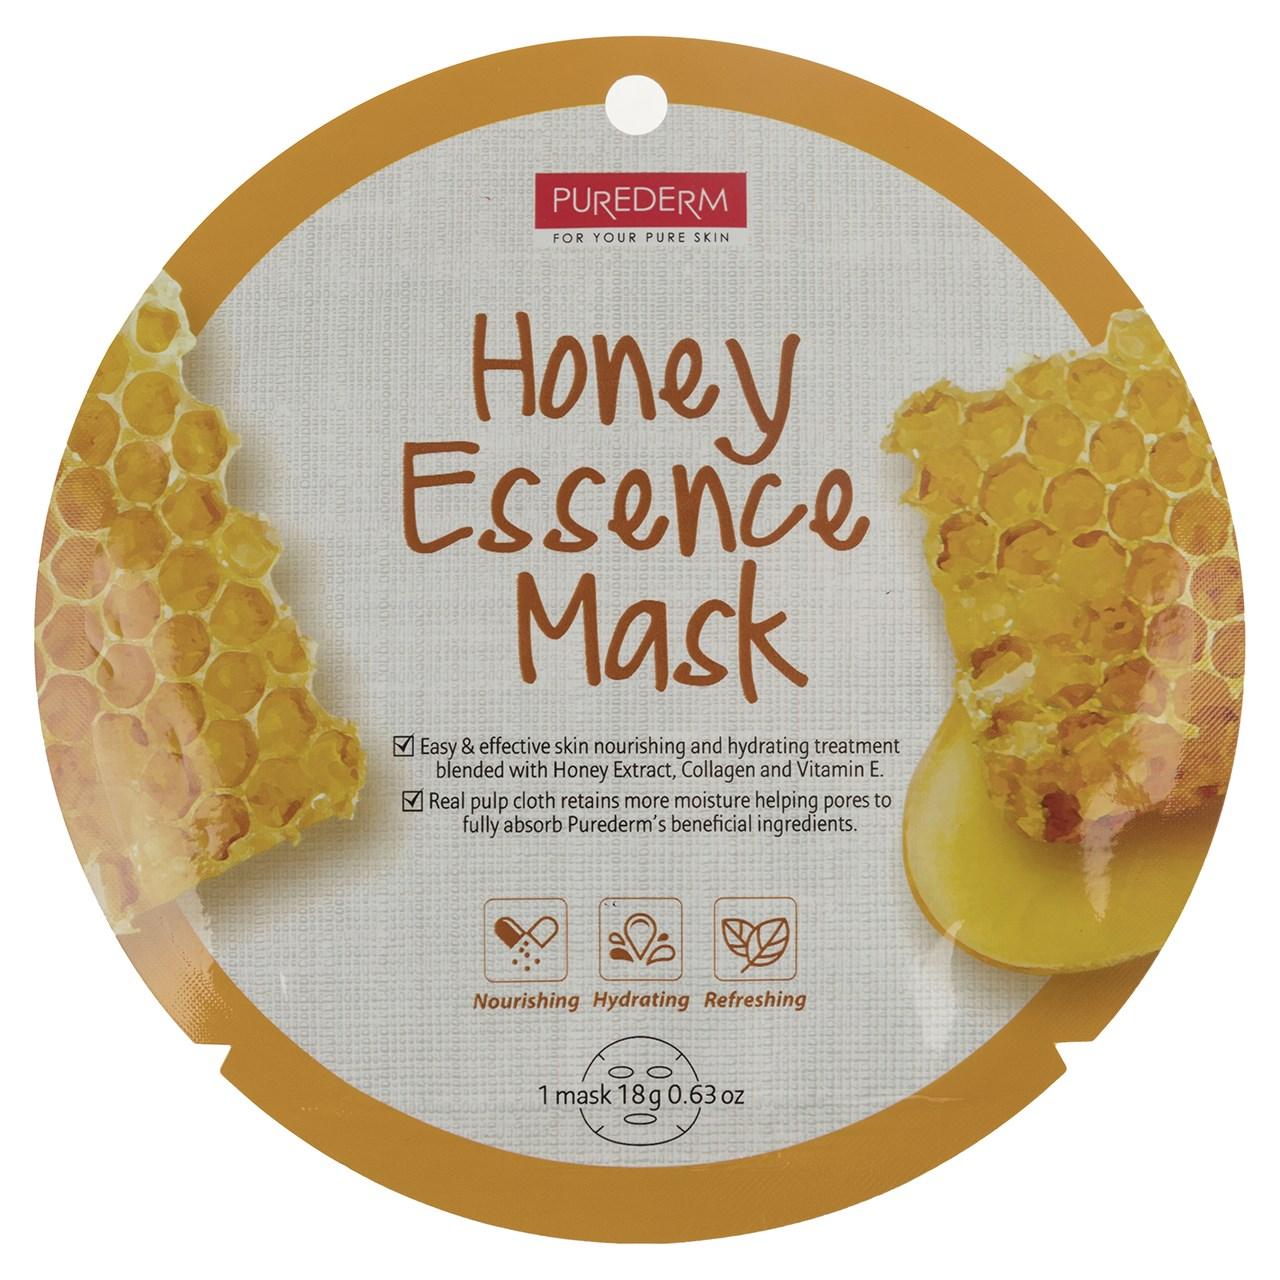 قیمت ماسک نقابی پیوردرم مدل Honey